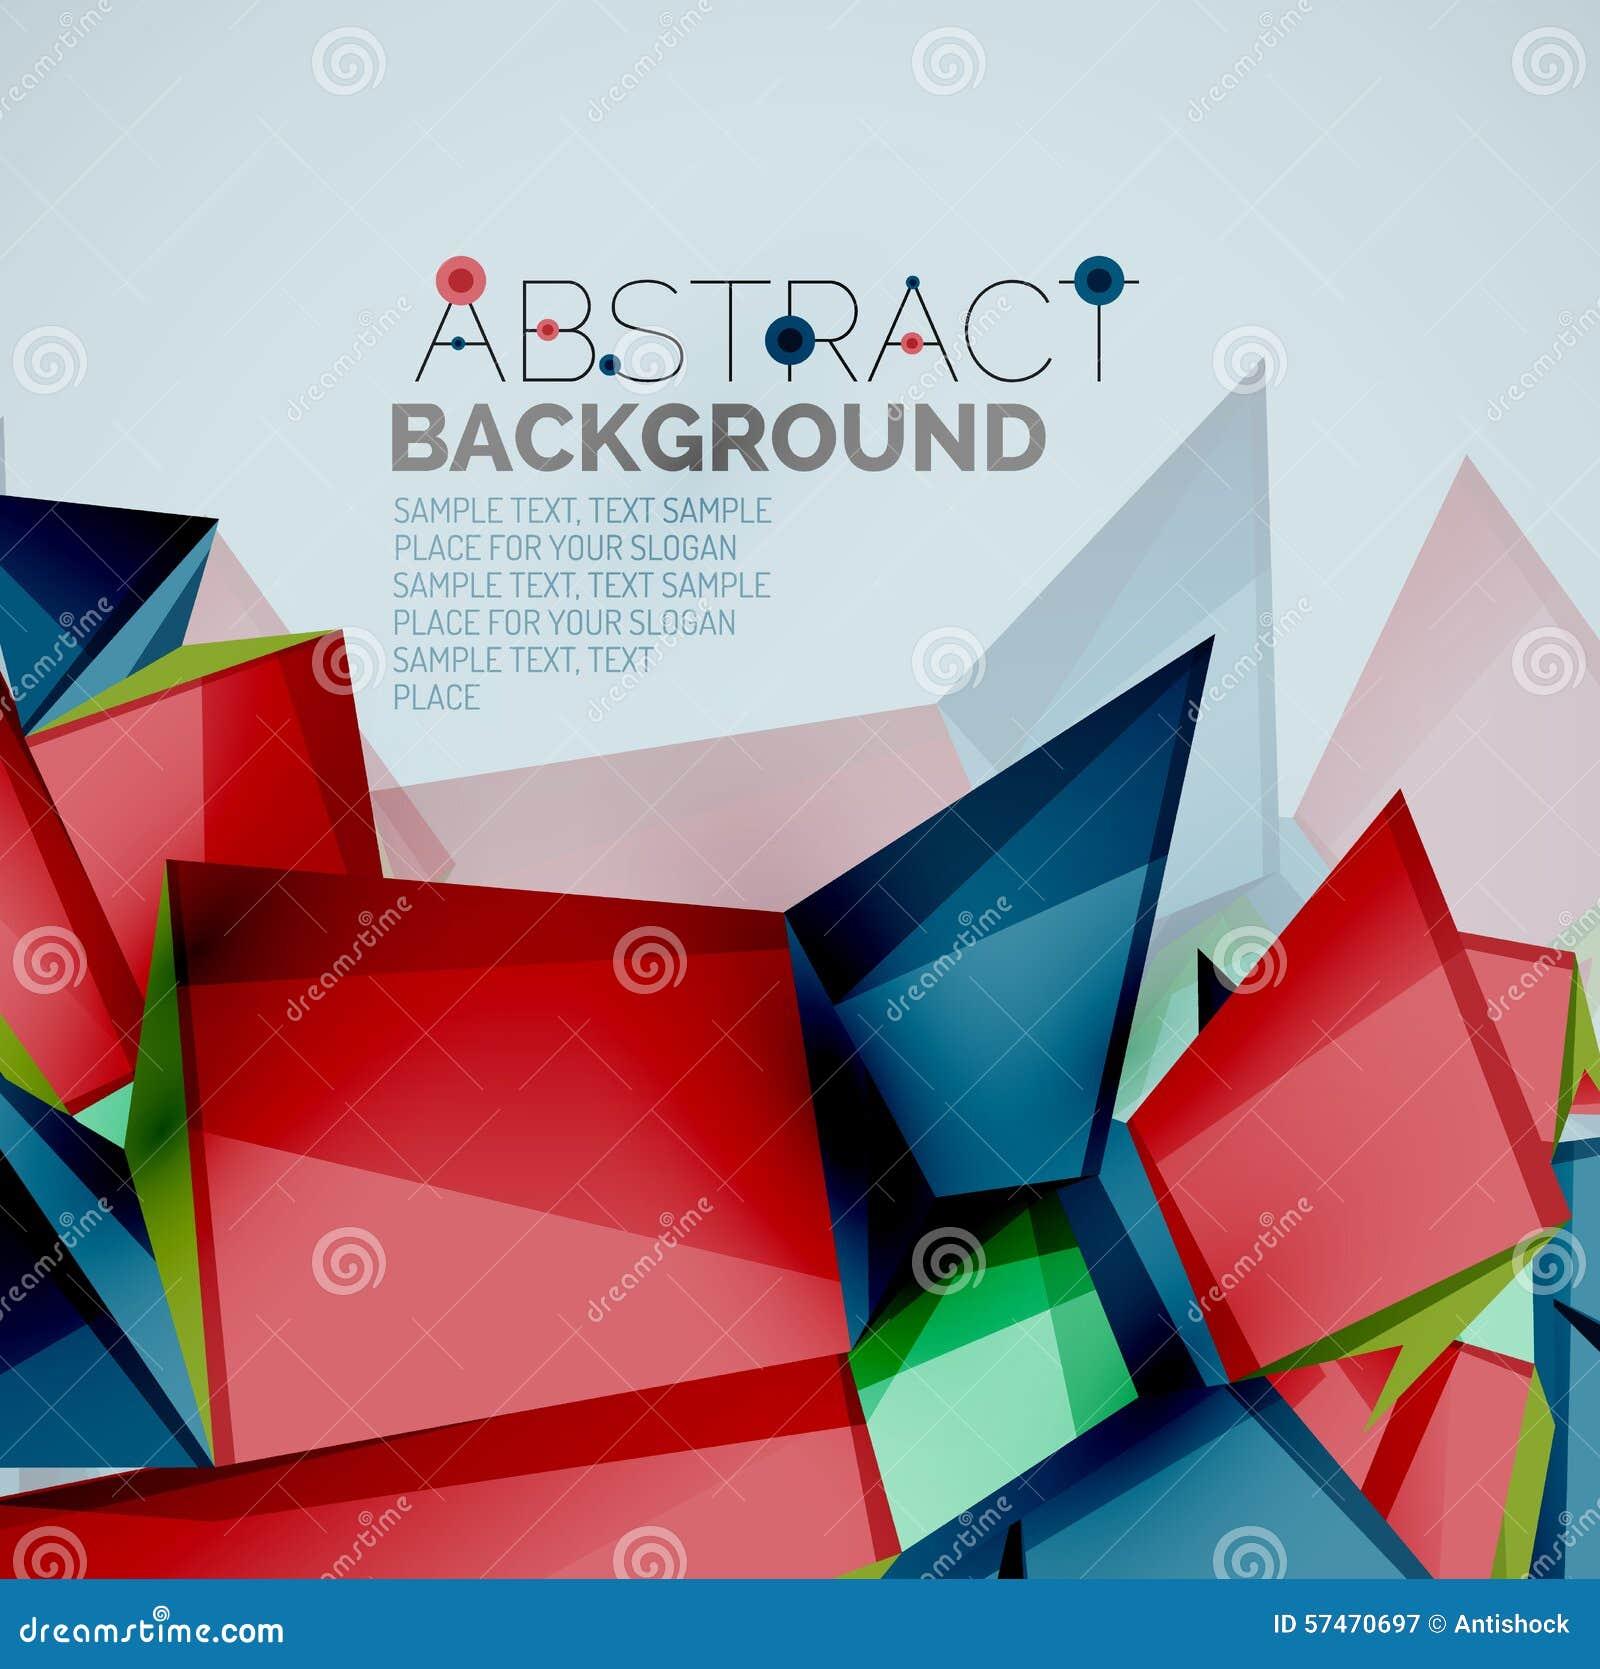 Fantastisch Malvorlagen Mit Geometrischen Formen Ideen - Entry Level ...